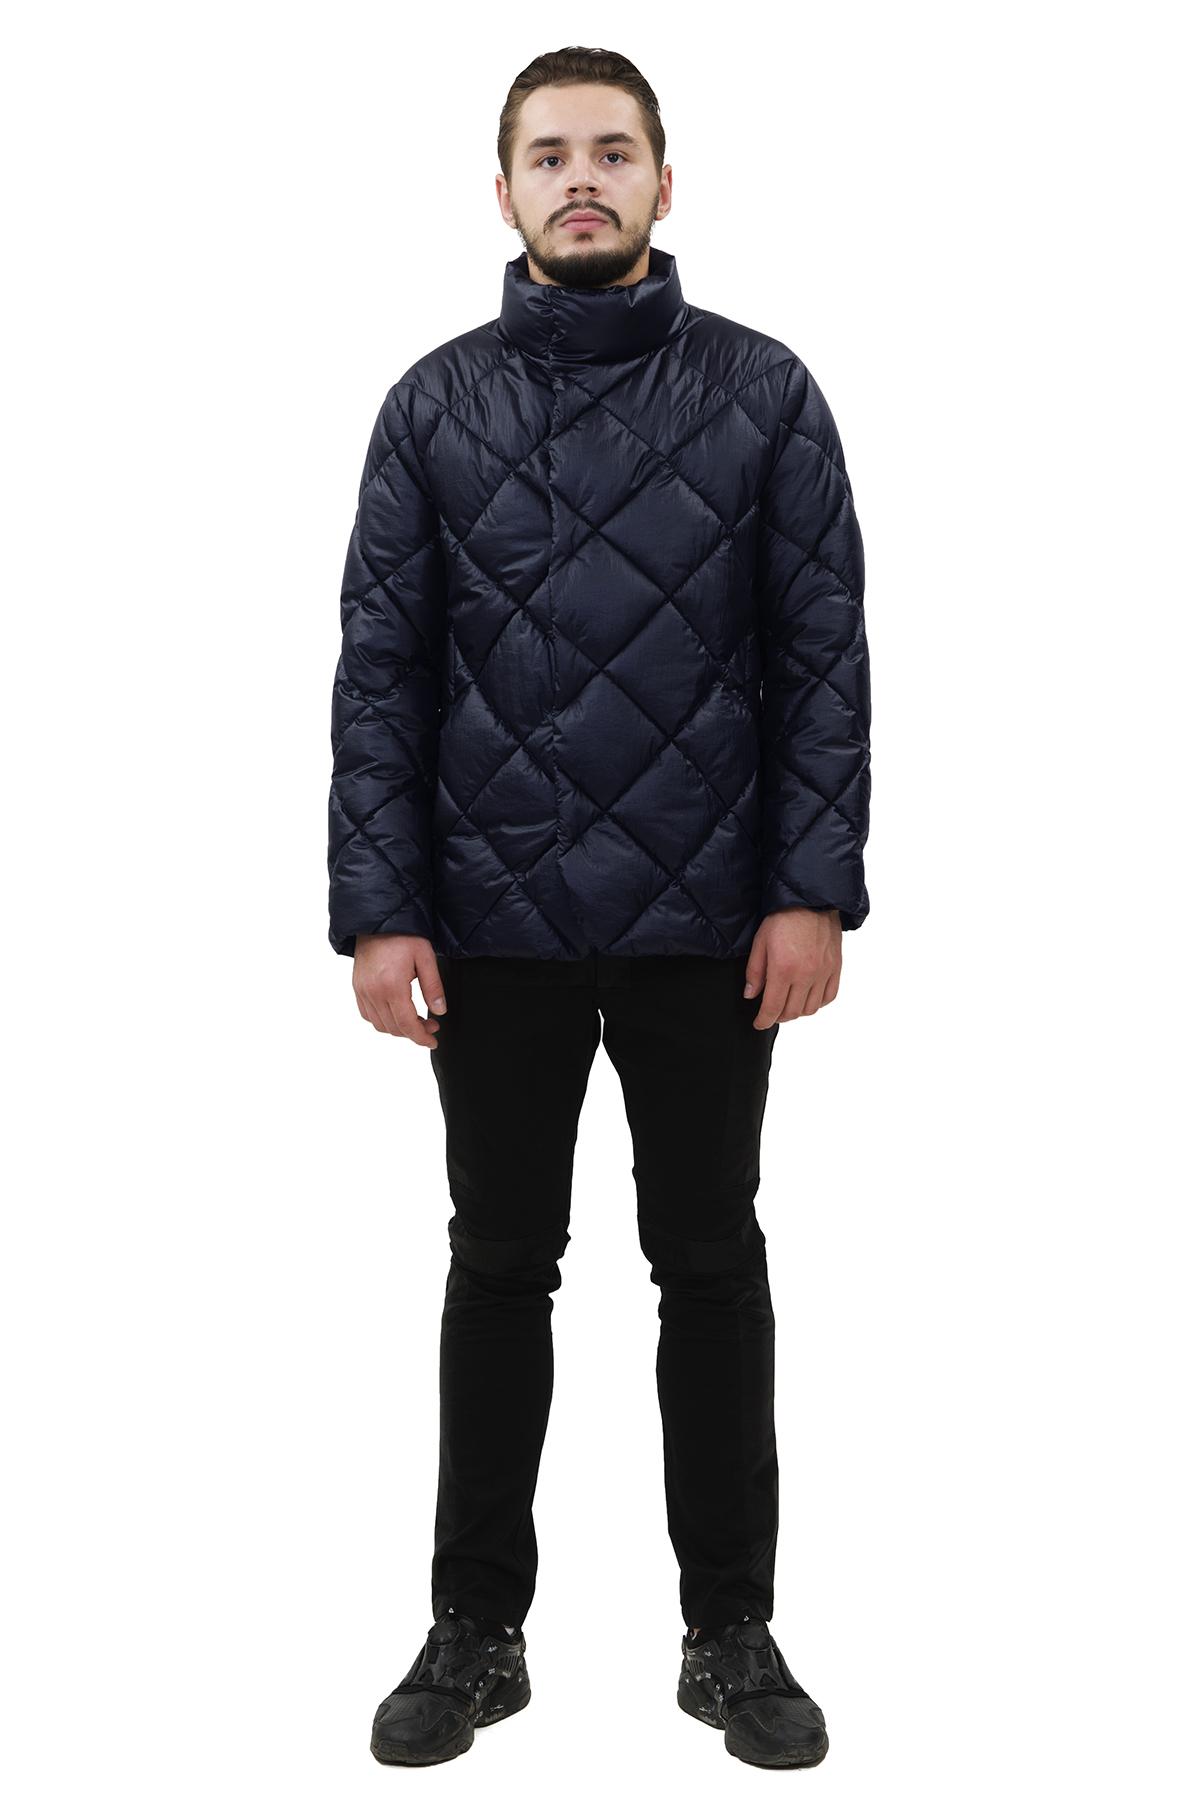 КурткаЗимние мужские куртки, пуховики<br>Модная дизайнерская куртка Doctor E - отличный вариант для стильных и уверенных в себе мужчин. Интересная фактура ткани не оставит Вас равнодушным к этой модели.<br><br>Цвет: синий<br>Состав: 100% полиэстер Утеплитель: синтепух<br>Размер: 56<br>Страна дизайна: Россия<br>Страна производства: Россия